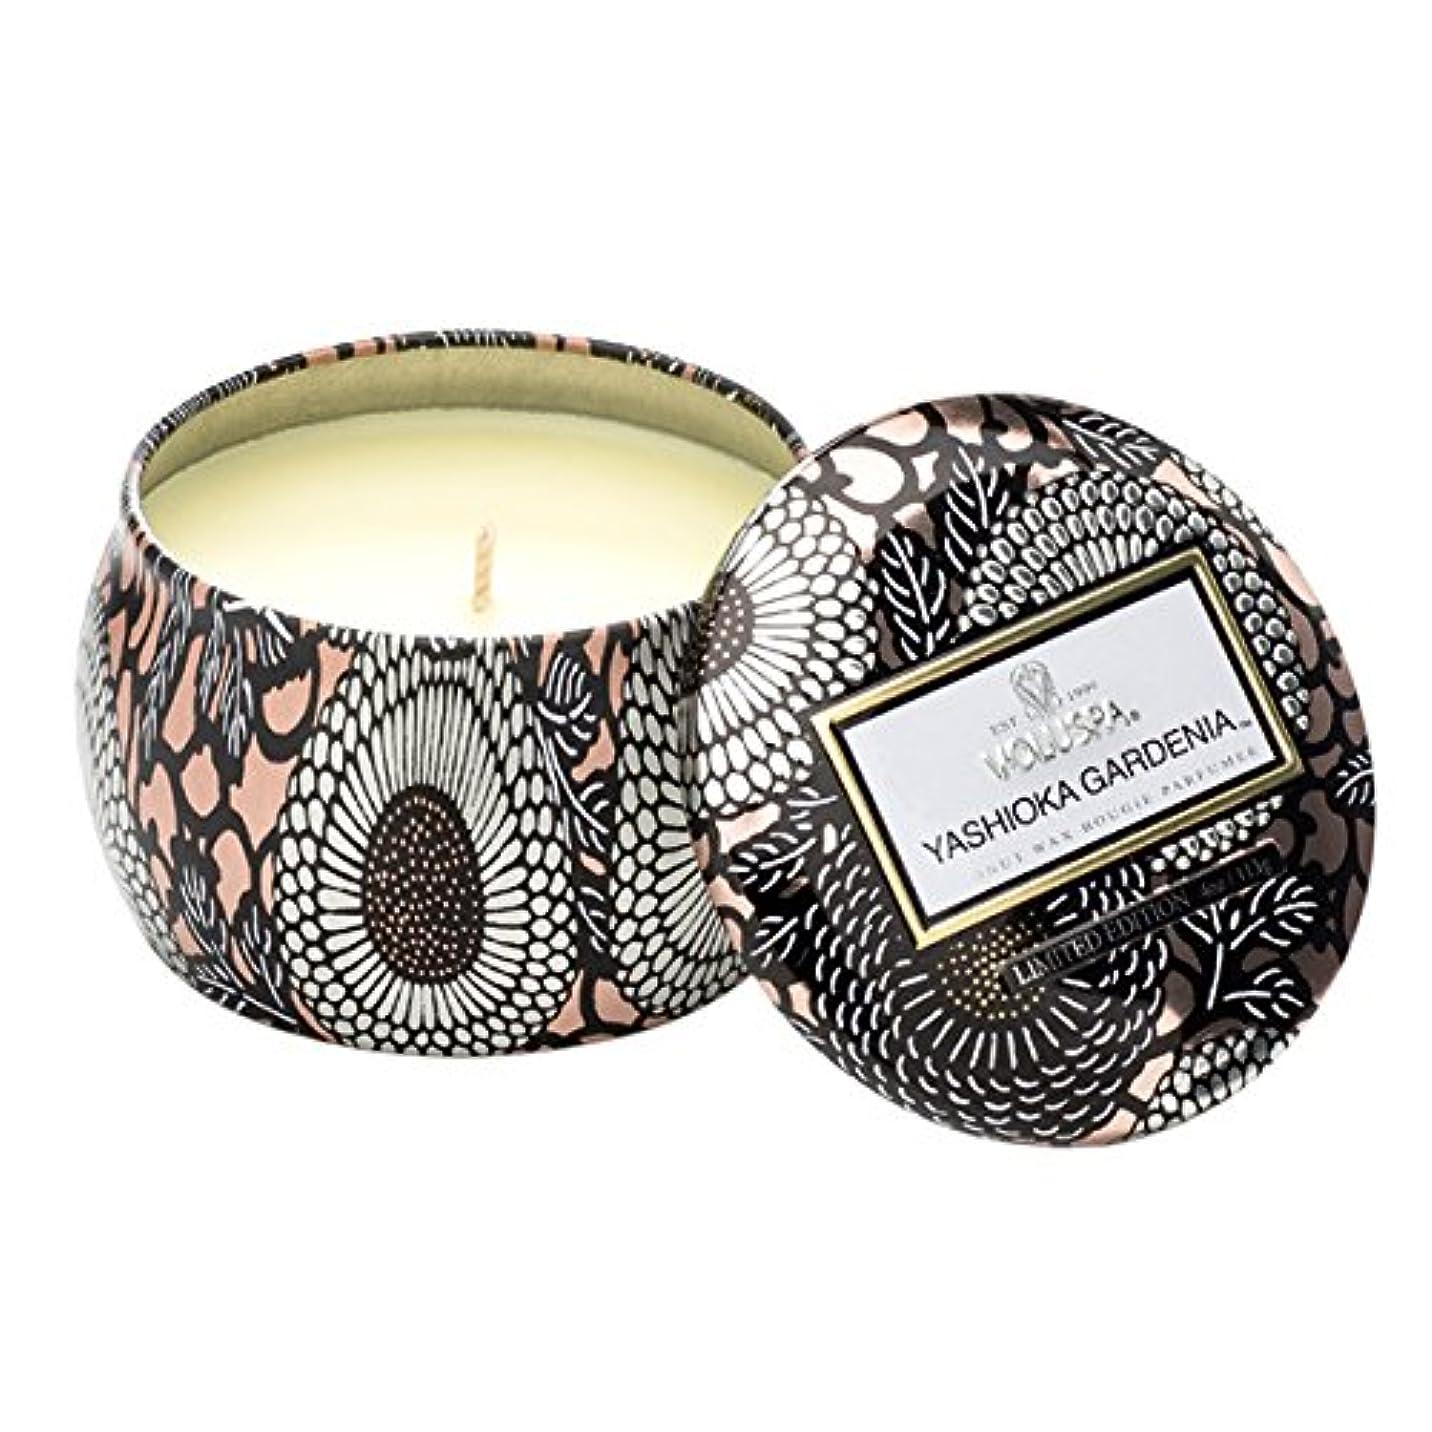 侵入用語集乱雑なVoluspa ボルスパ ジャポニカ リミテッド ティンキャンドル  S ヤシオカガーデニア YASHIOKA GARDENIA JAPONICA Limited PETITE Tin Glass Candle